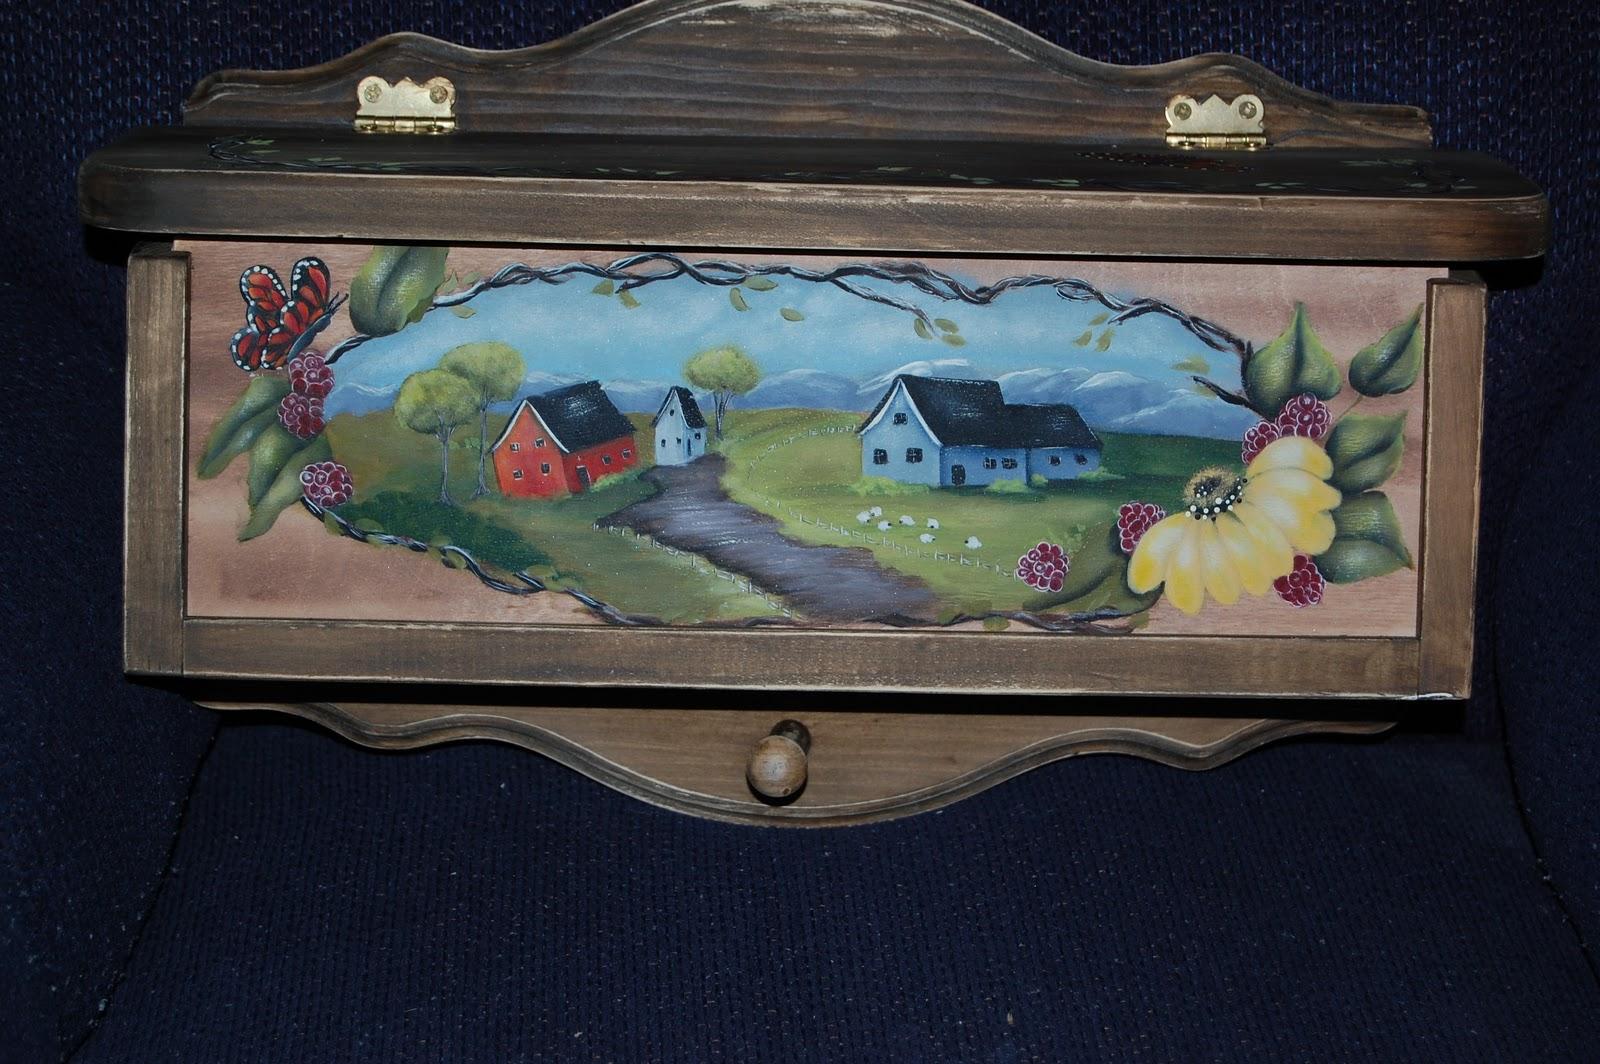 Les bidouilles blog de peinture d corative la belle bo te aux lettres - Peinture acrylique sur bois ...